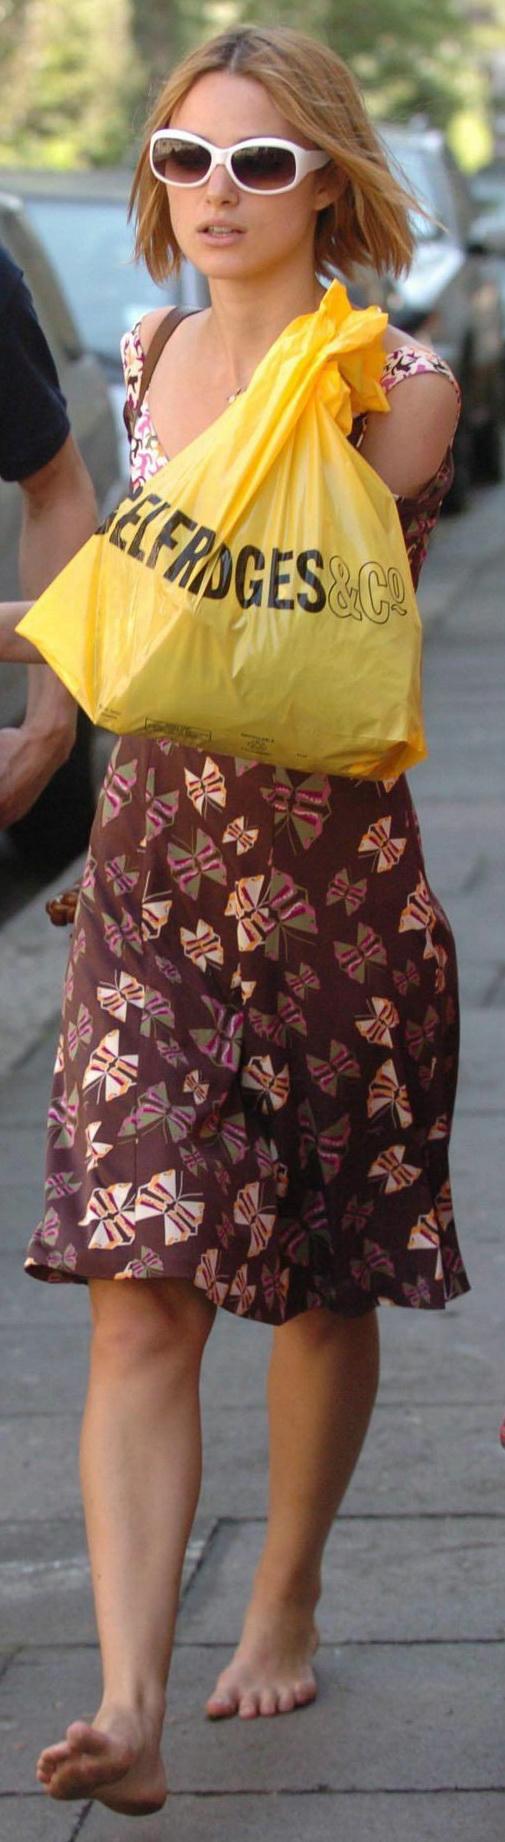 http://pics.wikifeet.com/Keira-Knightley-Feet-222173.jpg